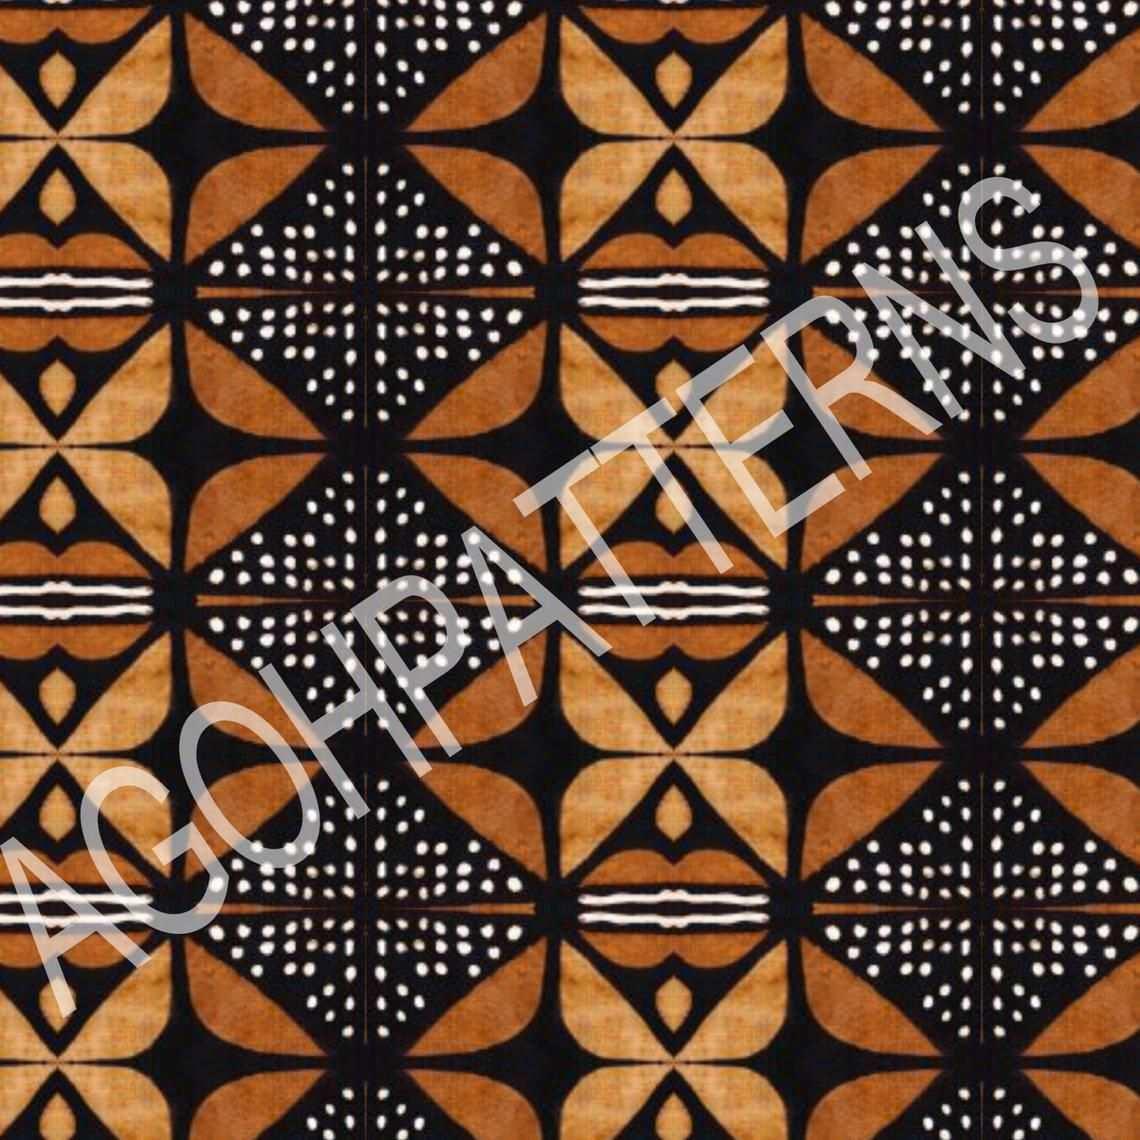 Packung Mit 12 Afrikanischen Digitalen Mustern Bogolan Muster Afrika Papier Digitale Afrikanische Muster Afrikanische Muster Digital Scrapbook Paper Muster